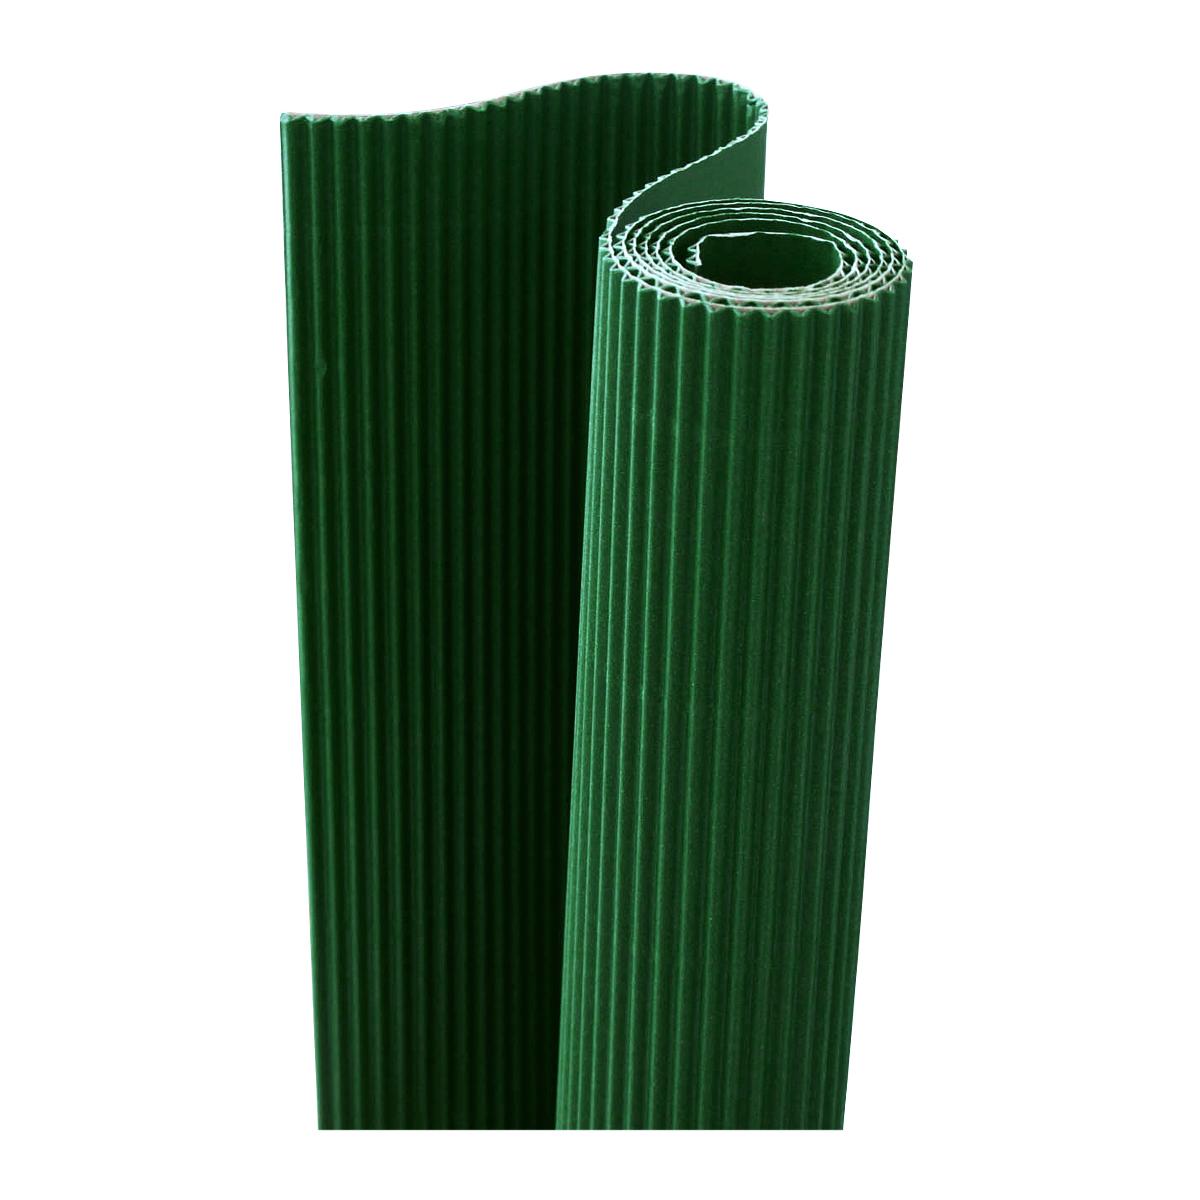 Картон гофрированный Folia, цвет: зеленый, 50 х 70 см7710888_51 зеленыйДвухслойный гофрированный картон Folia в основном применяется для декорирования. Он состоит из одного слоя плоского картона и слоя бумаги, имеющую волнообразную (гофрированную) форму. Отличается малым весом и высокими физическими параметрами.Применение: для дизайнерских и оформительских работ, для декоративного детского творчества. Также такой материал хорошо зарекомендовал себя в качестве упаковочного материала.